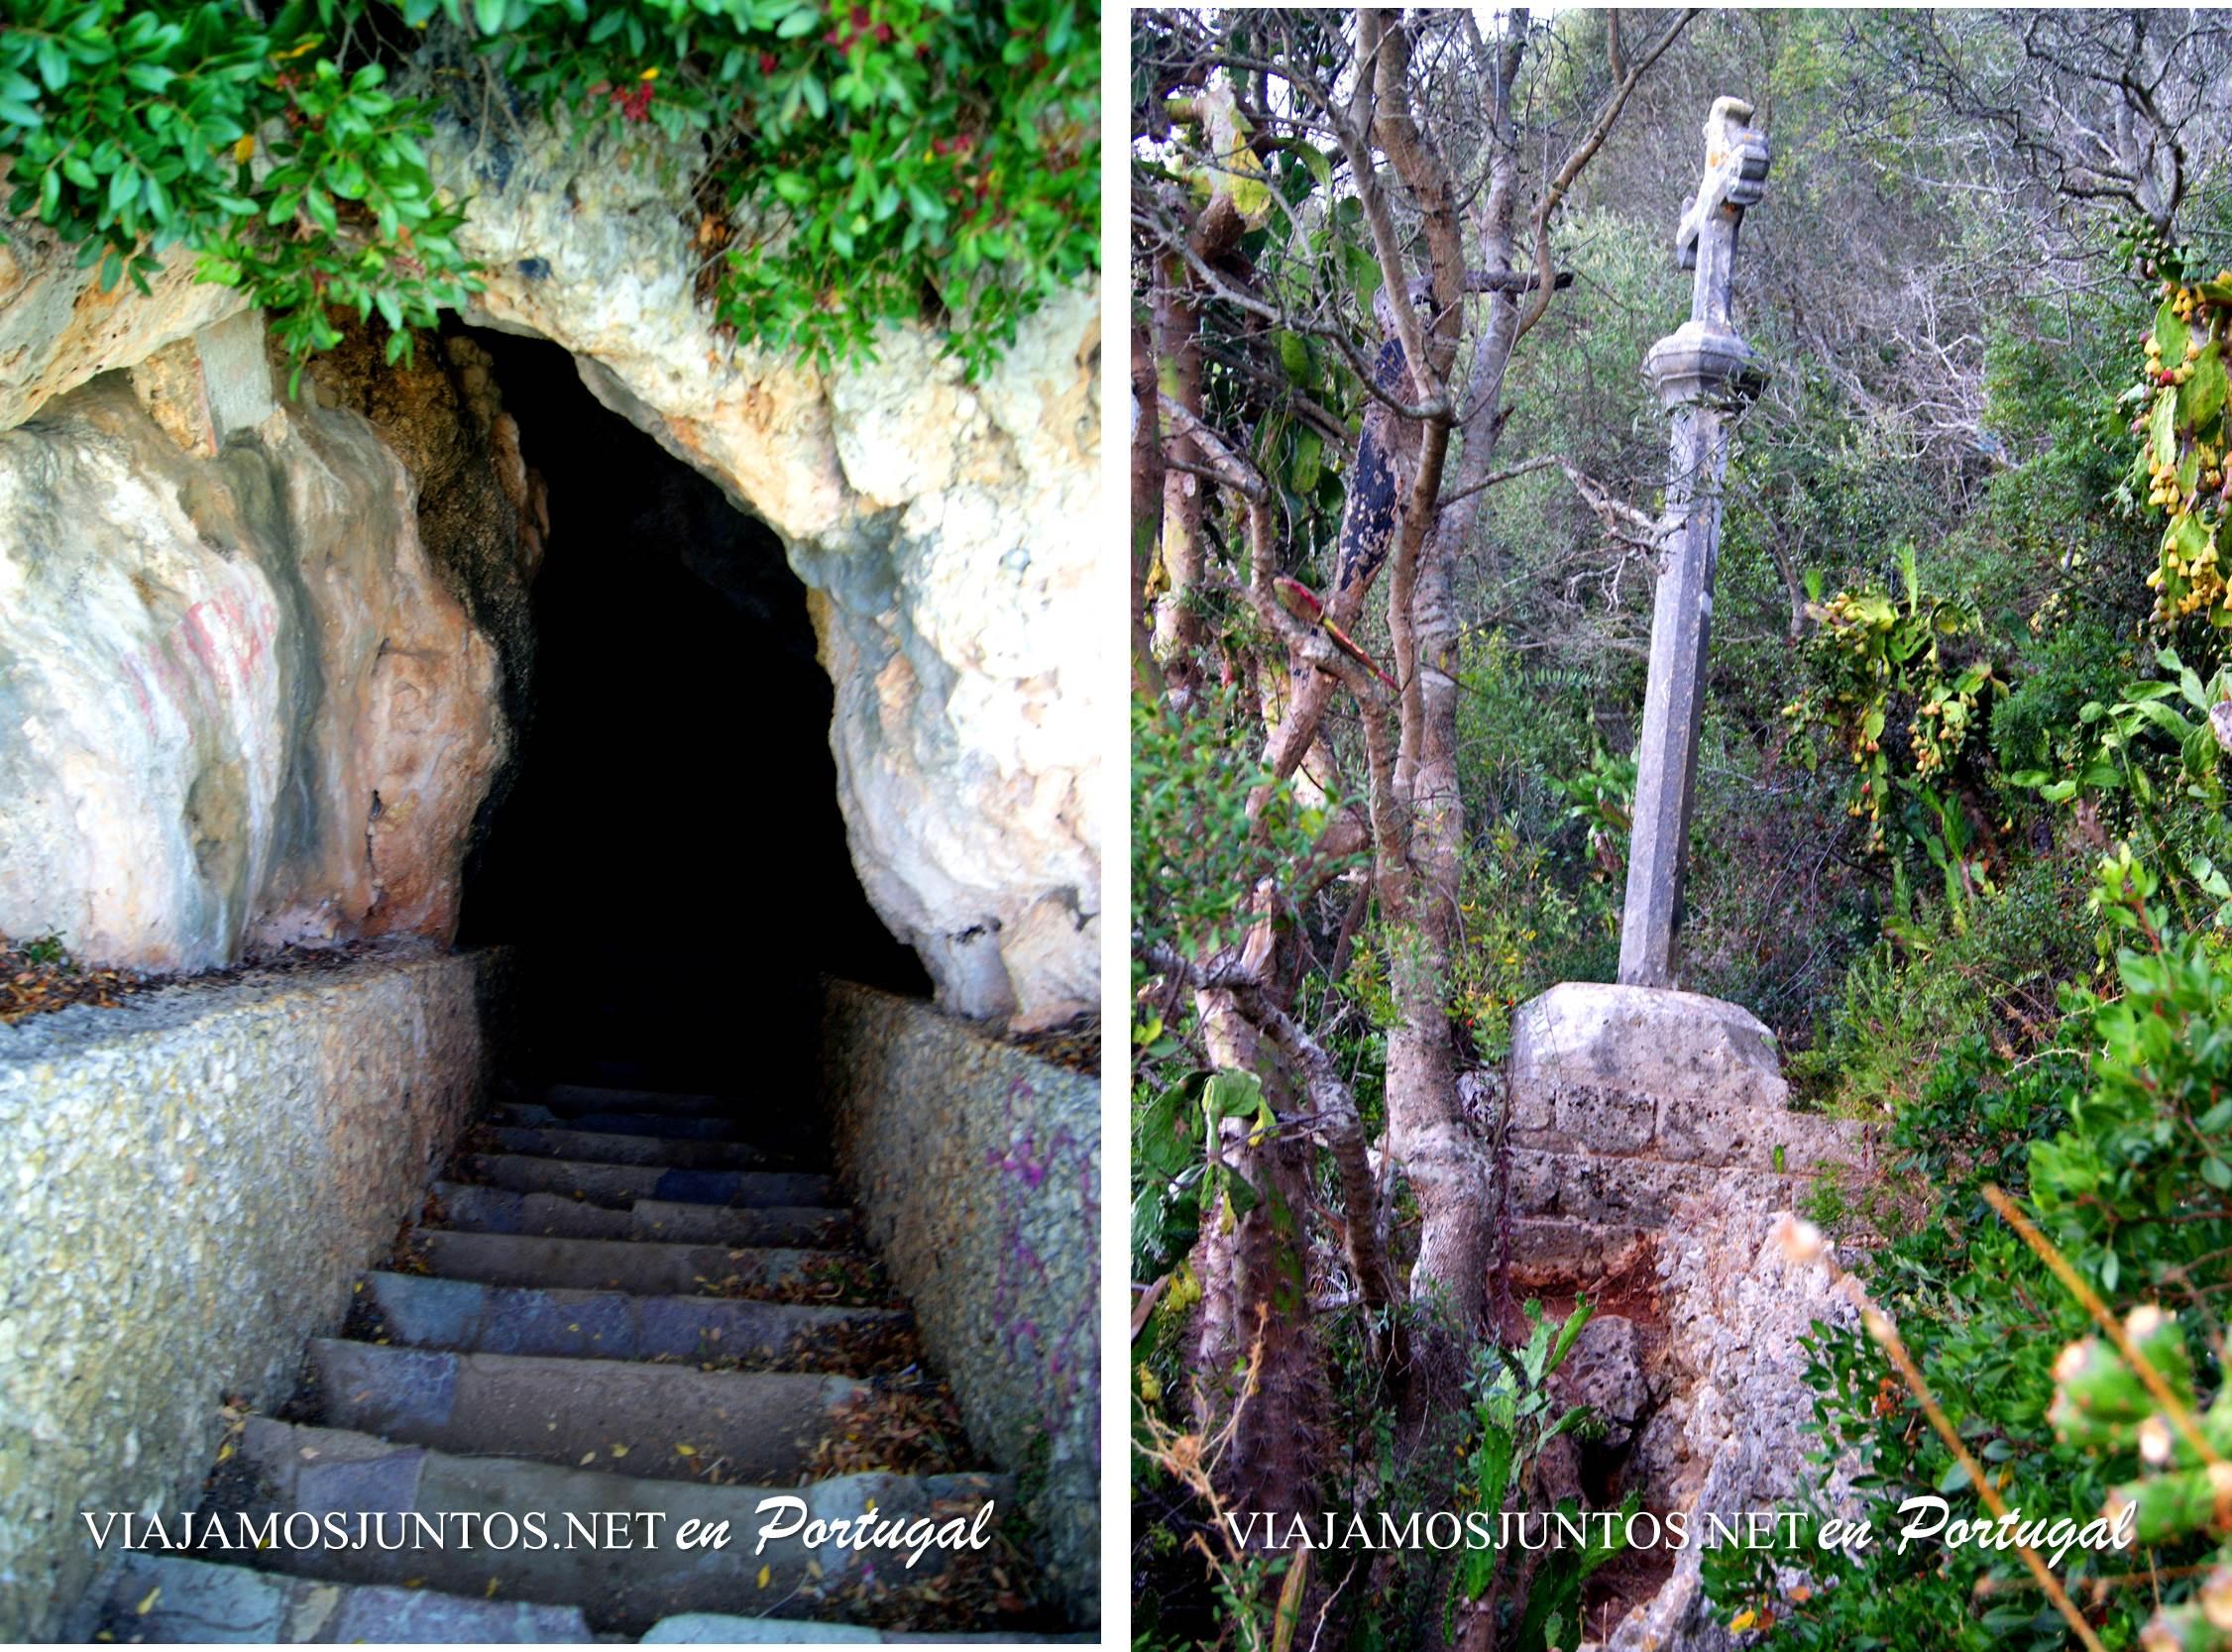 Los escalones finales y la cruz en la entrada de la cueva de Santa Margarida, península de Setúbal, Portugal